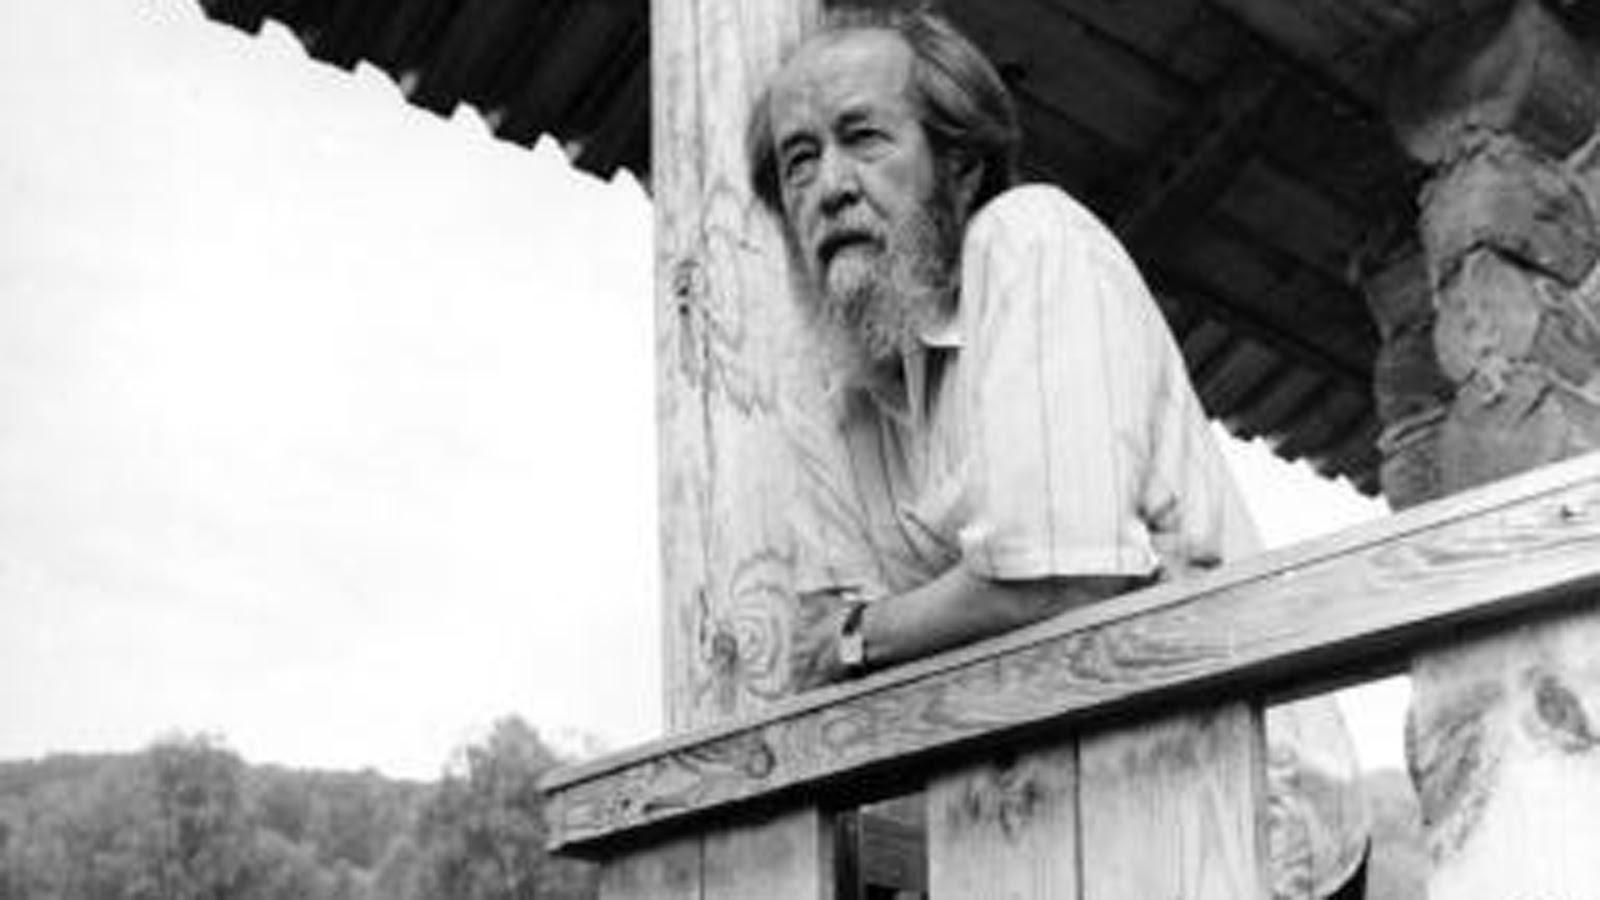 Slikovni rezultat za Solzhenitsyn o stanju Zapadne kulture